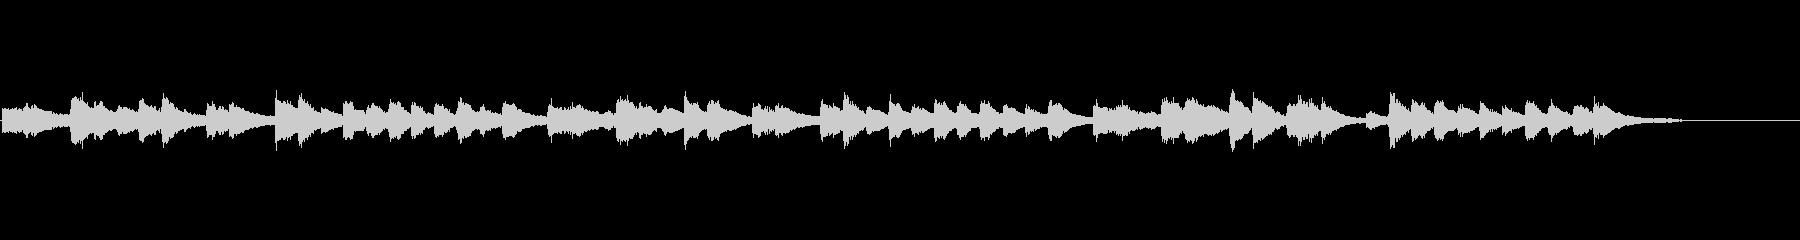 ヴィンテージピアノ モノラルの未再生の波形